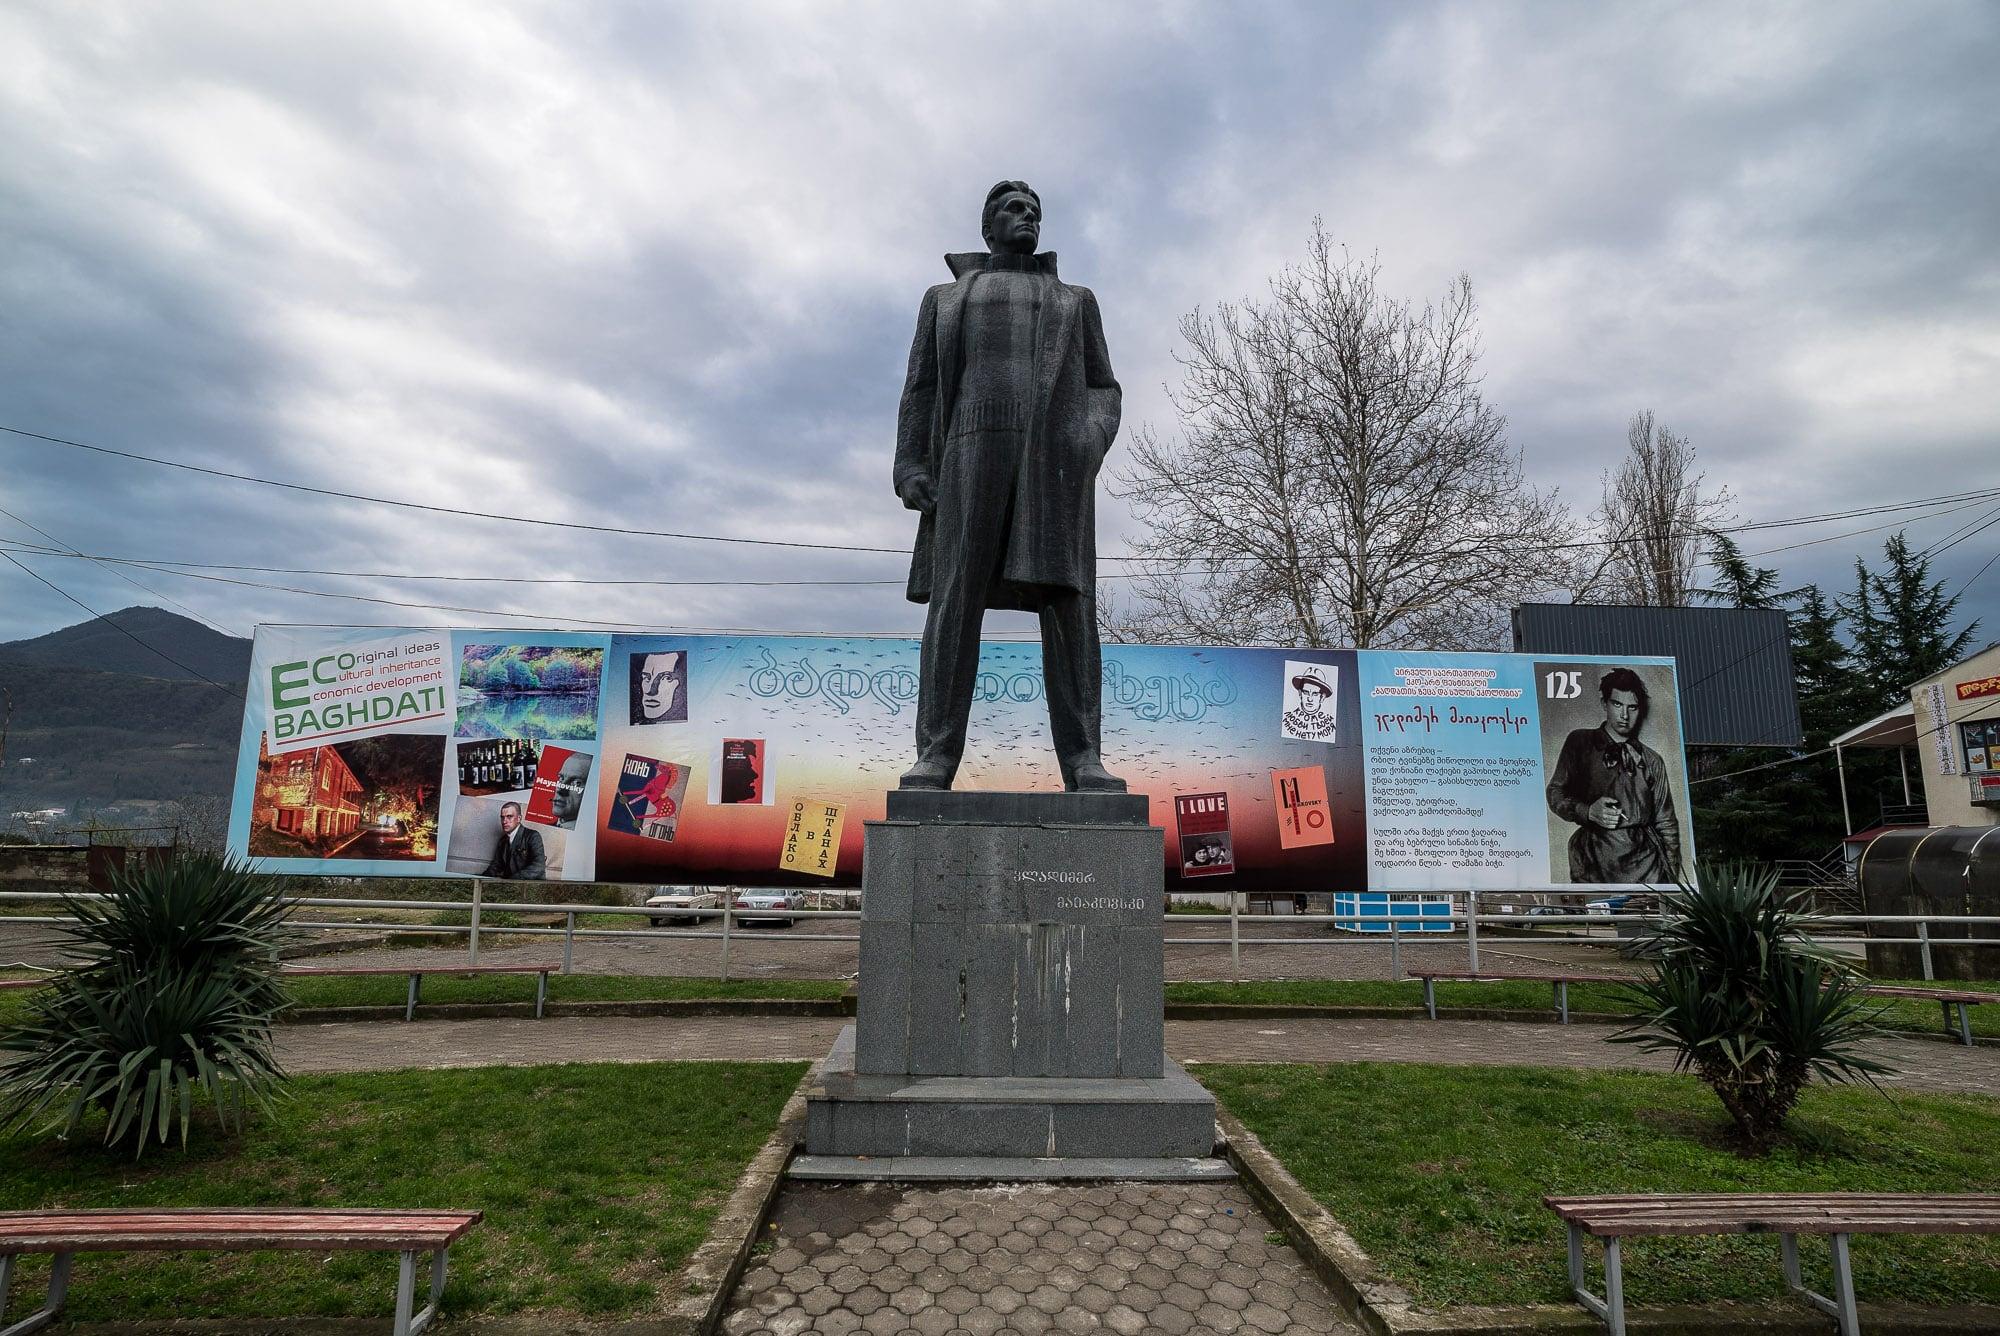 Mayakovsky statue in Baghdati